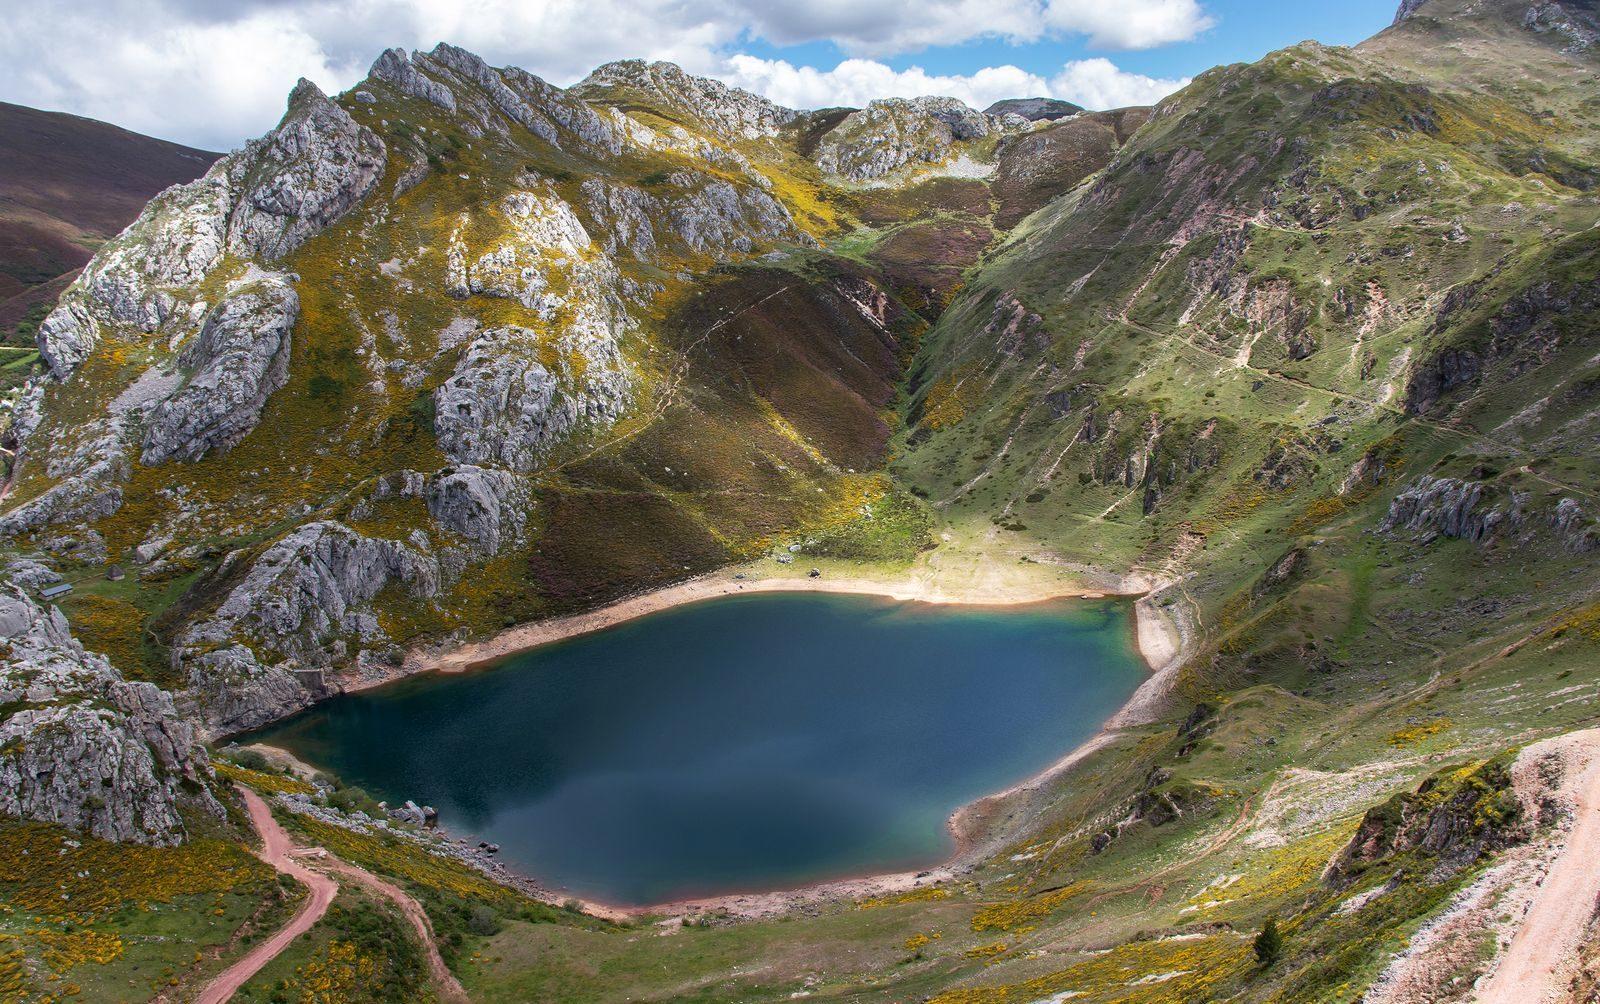 somiedo e1587311449321 - Parque Natural de Somiedo-Asturias-España